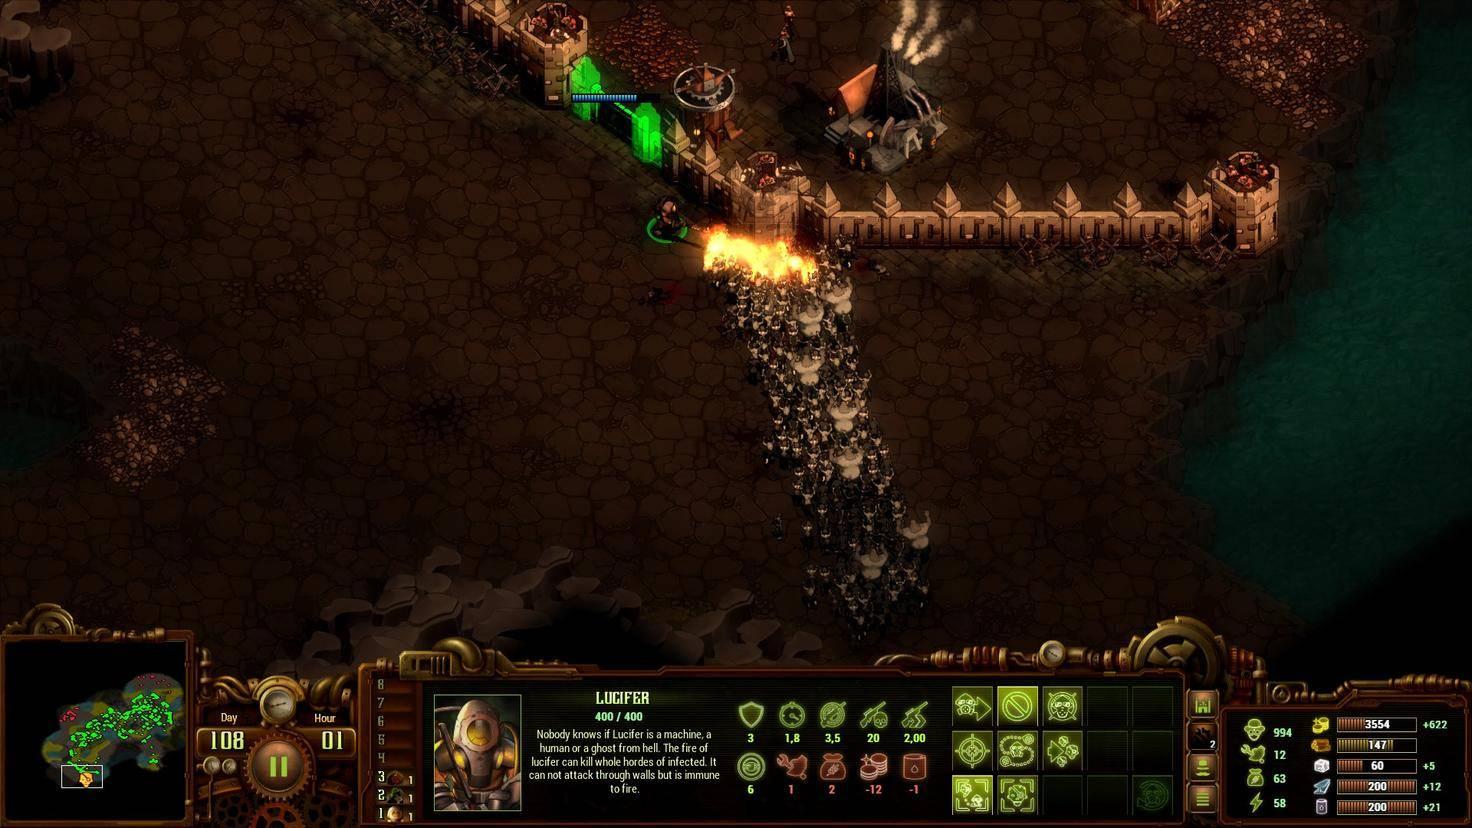 Erst spät im Spiel gibt es Spezialeinheiten wie den Flammenwerfer-Krieger Lucifer.